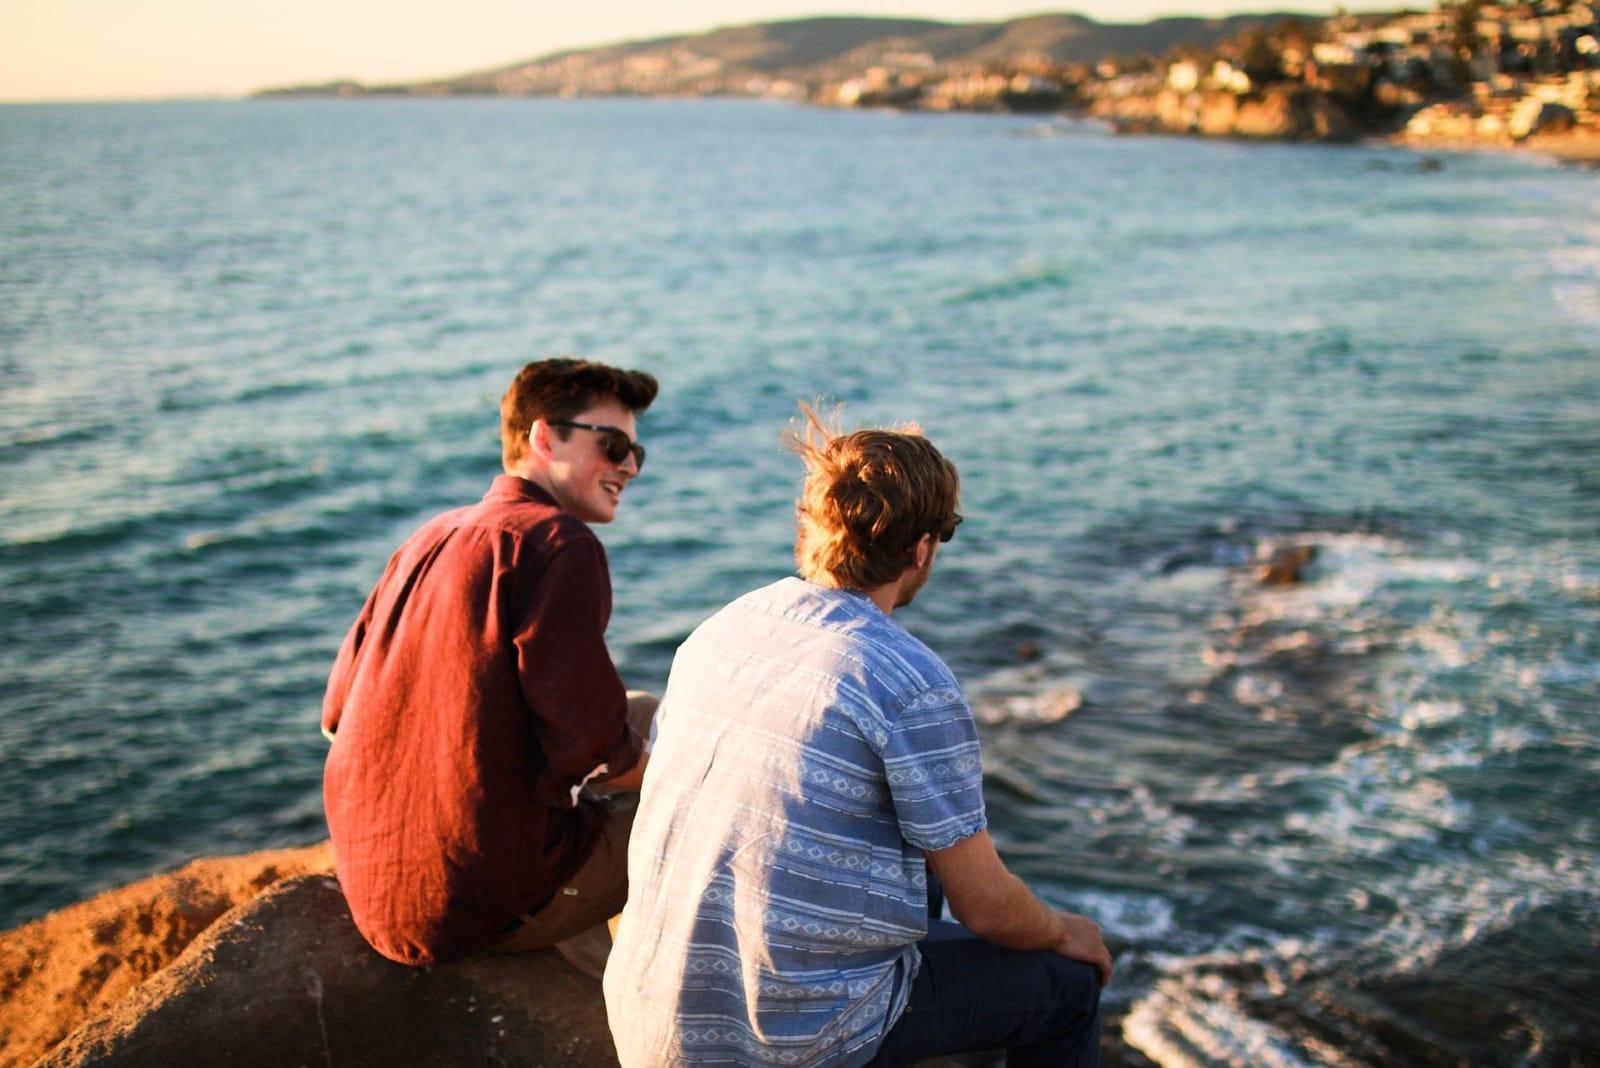 two men sitting on rock near sea